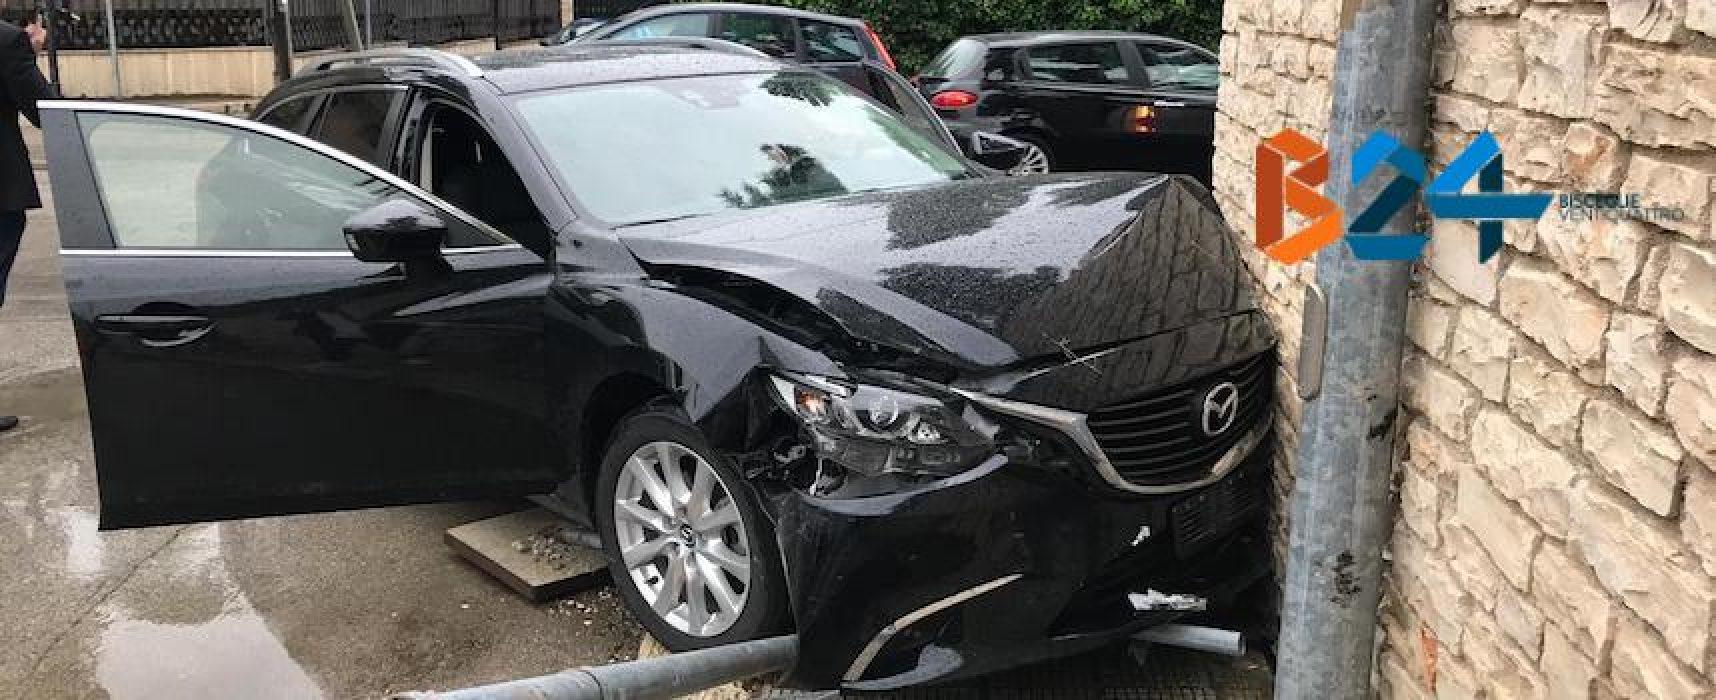 Scontro tra due auto in via della Libertà, un ferito al pronto soccorso